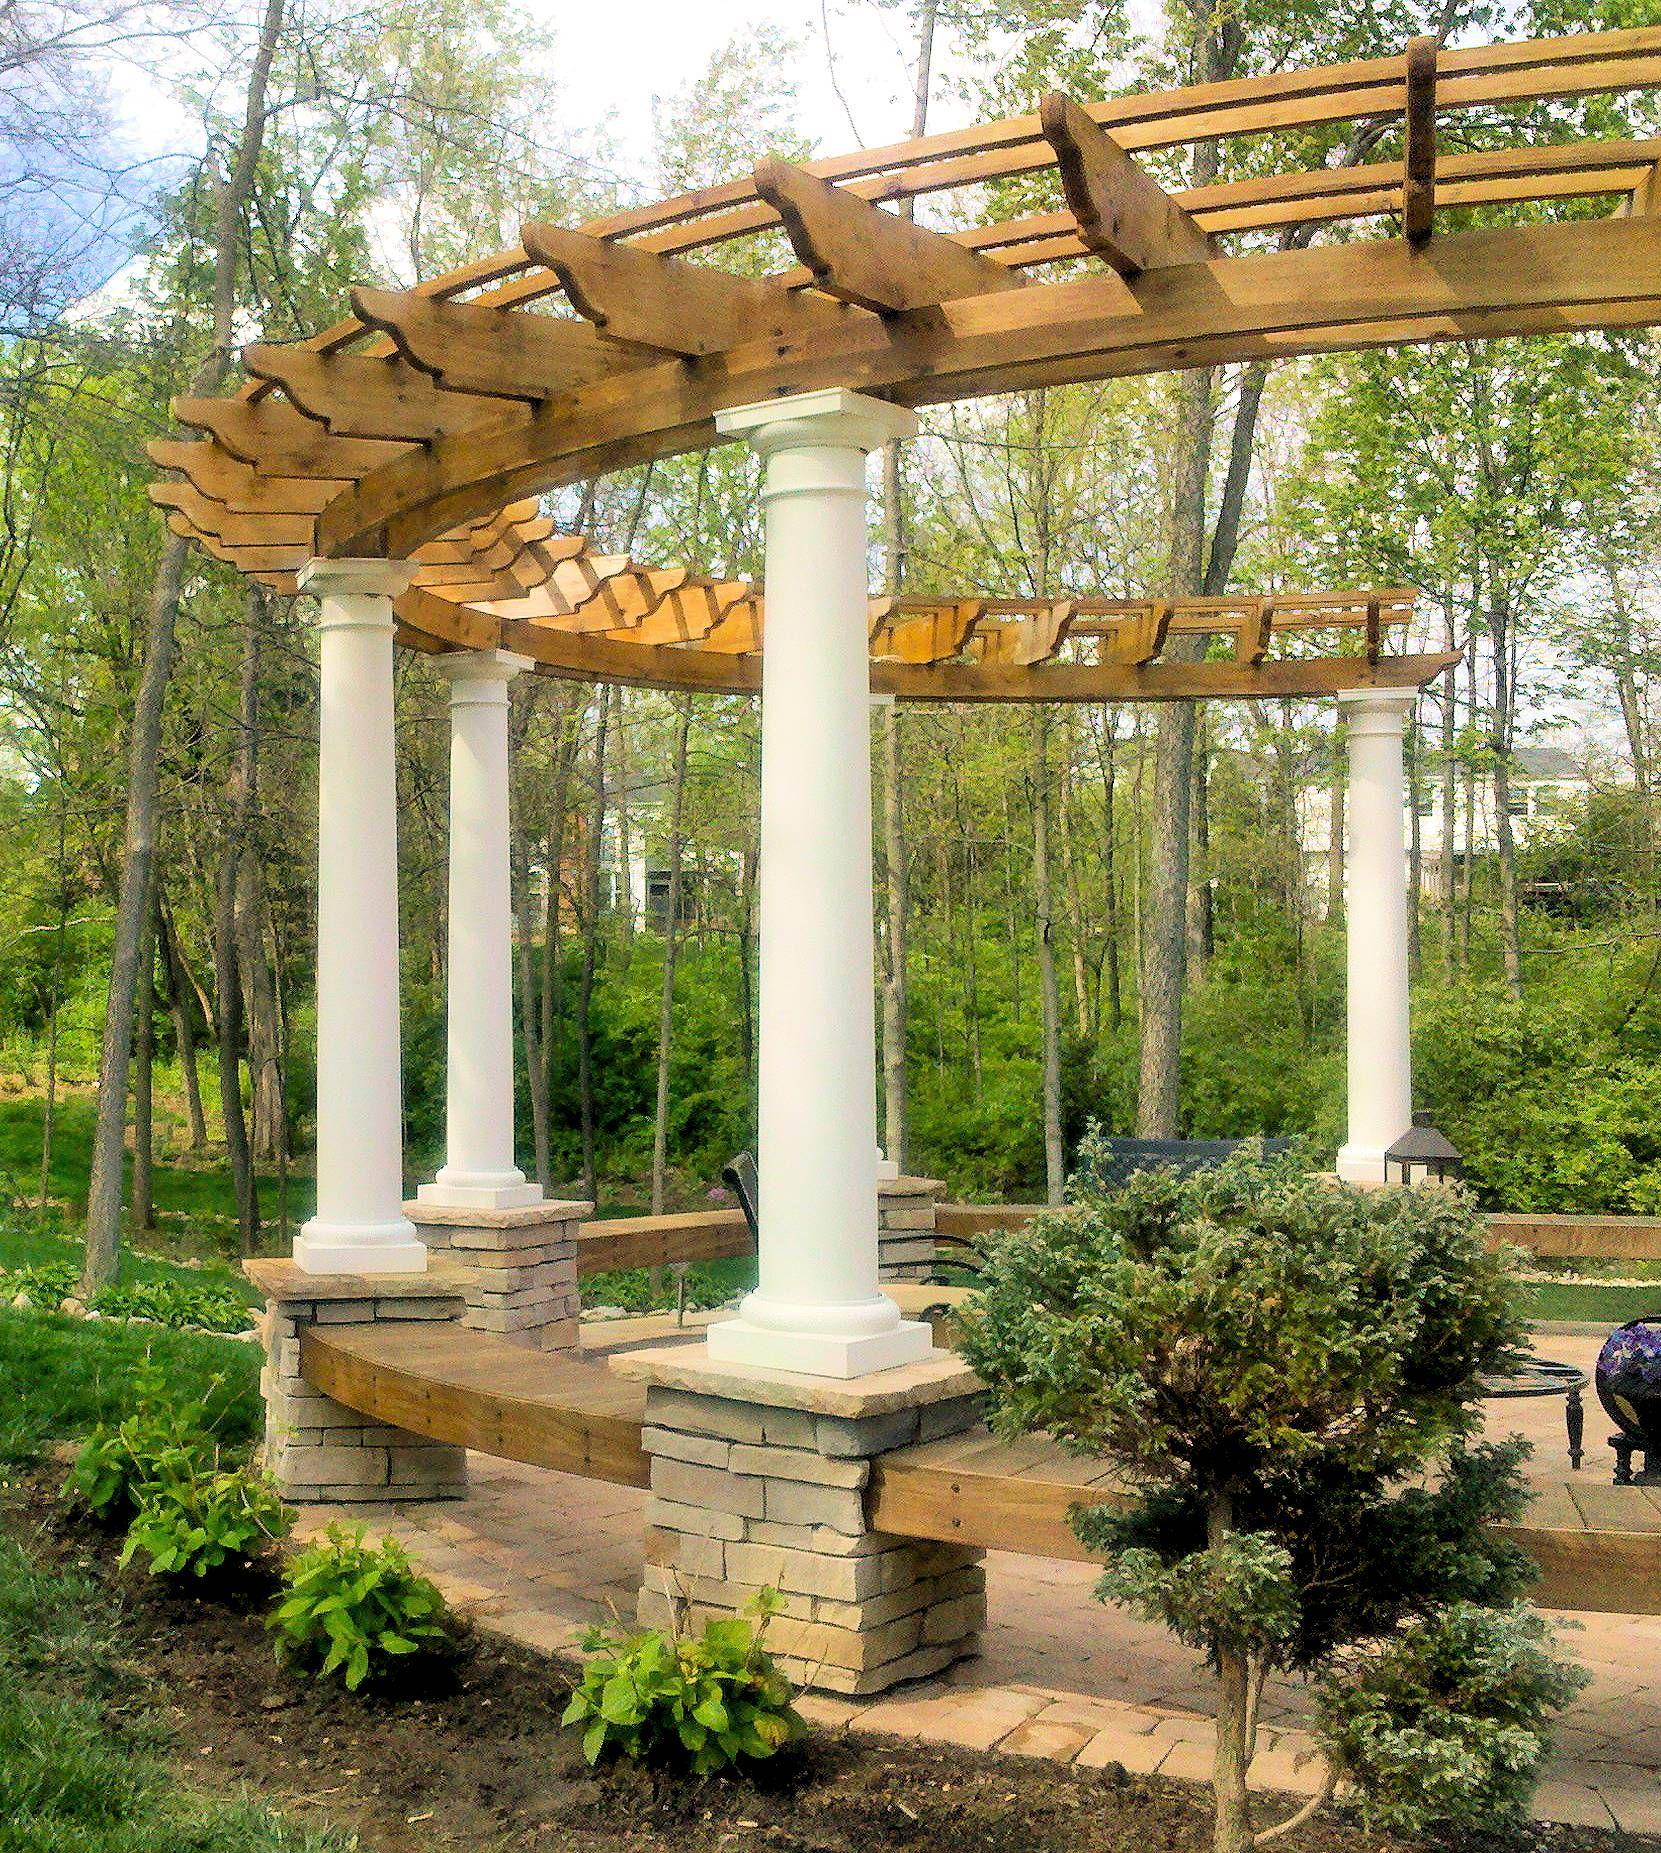 Pergola Trellis Designs: Curved Cedar Pergola Ideas Picture